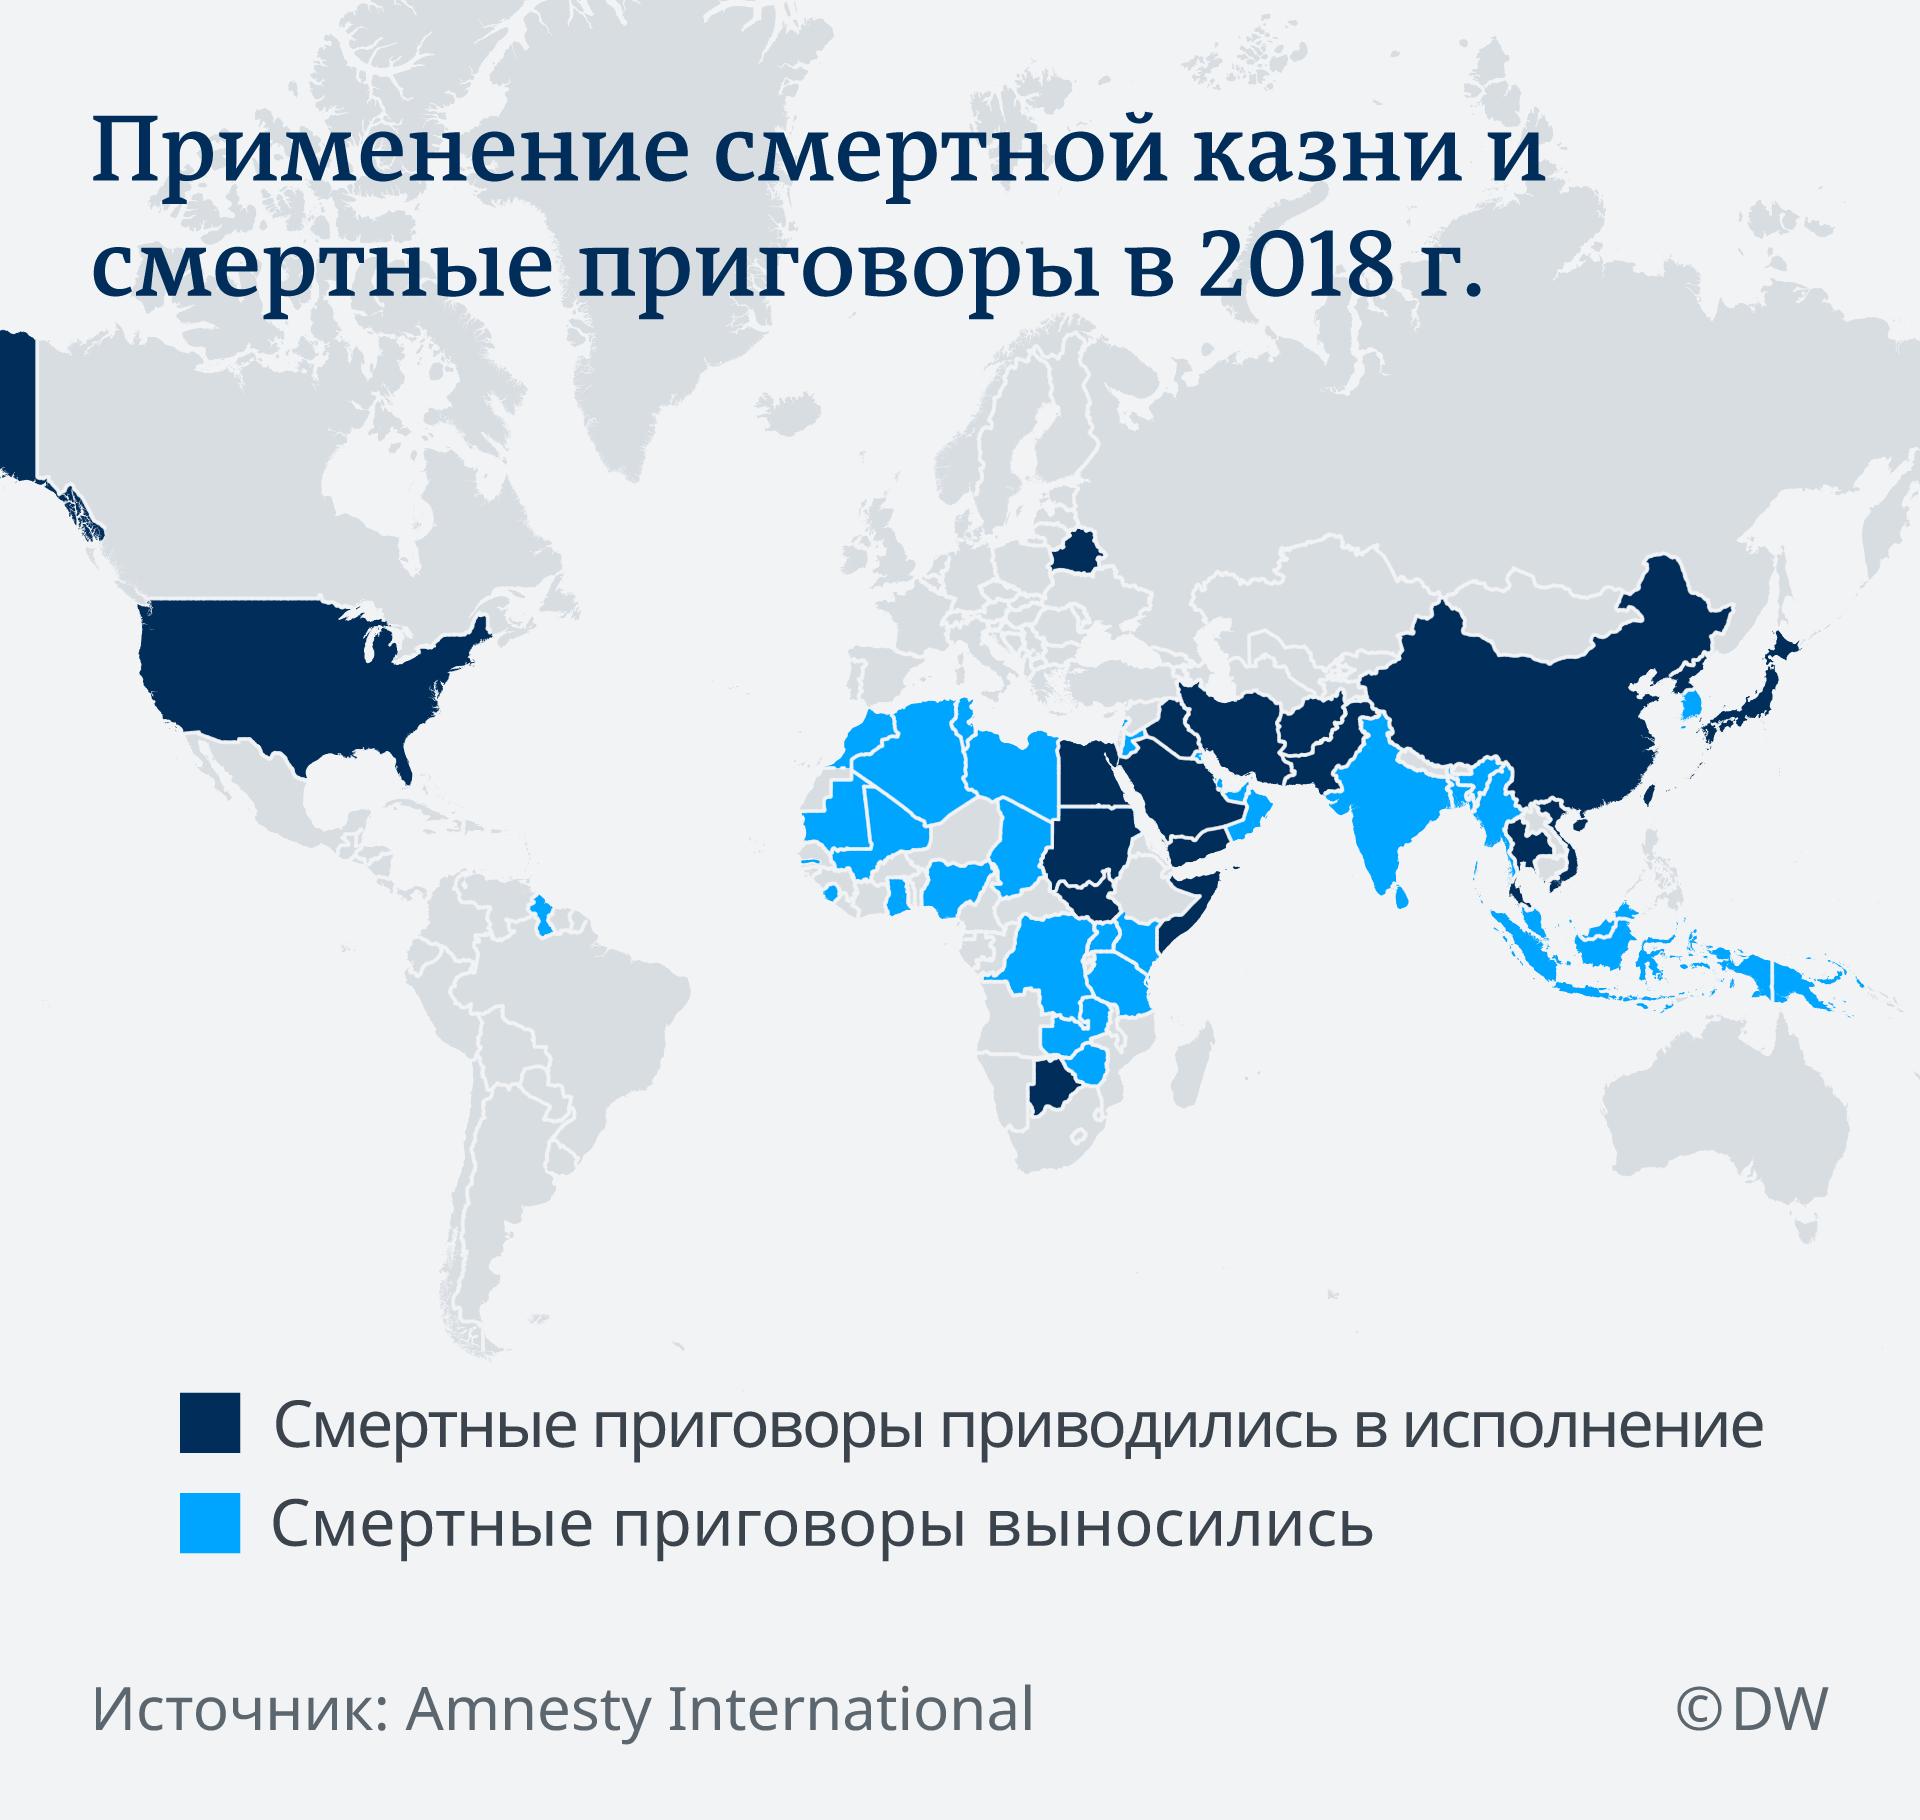 Инфографика: Применение смертной казни и смертные приговоры в 2018 году